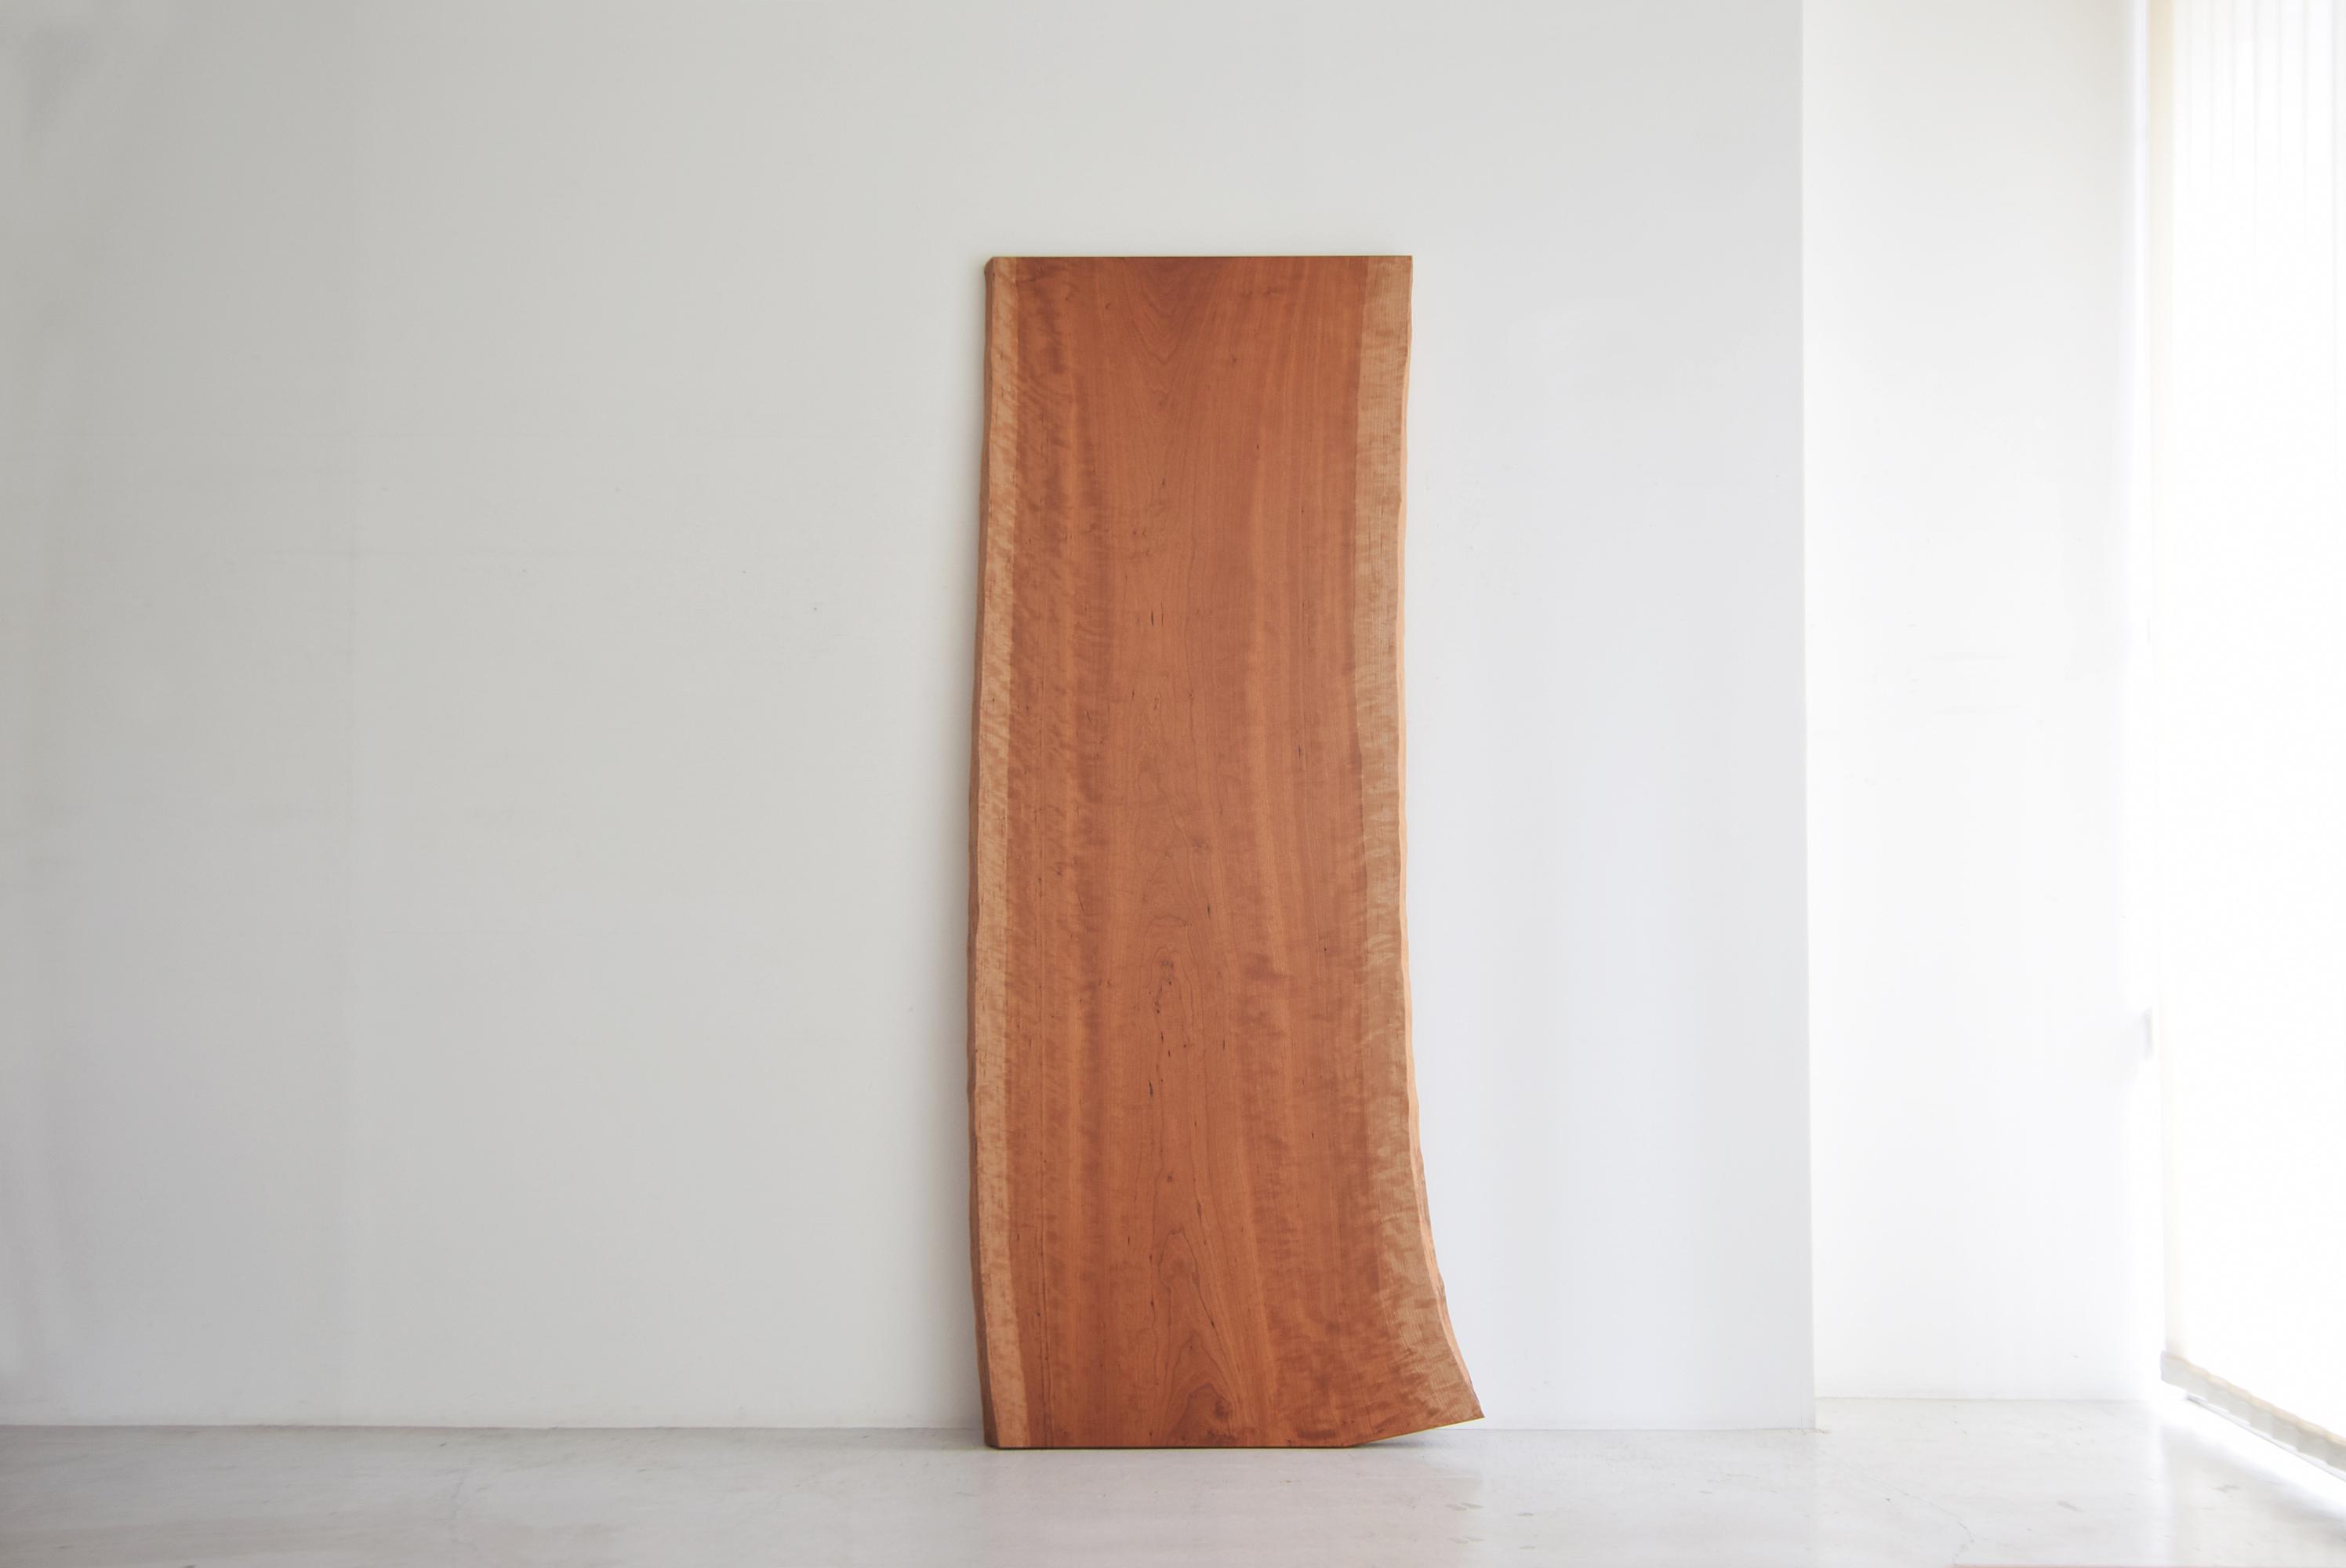 アメリカンチェリー一枚板天板(N11-40)